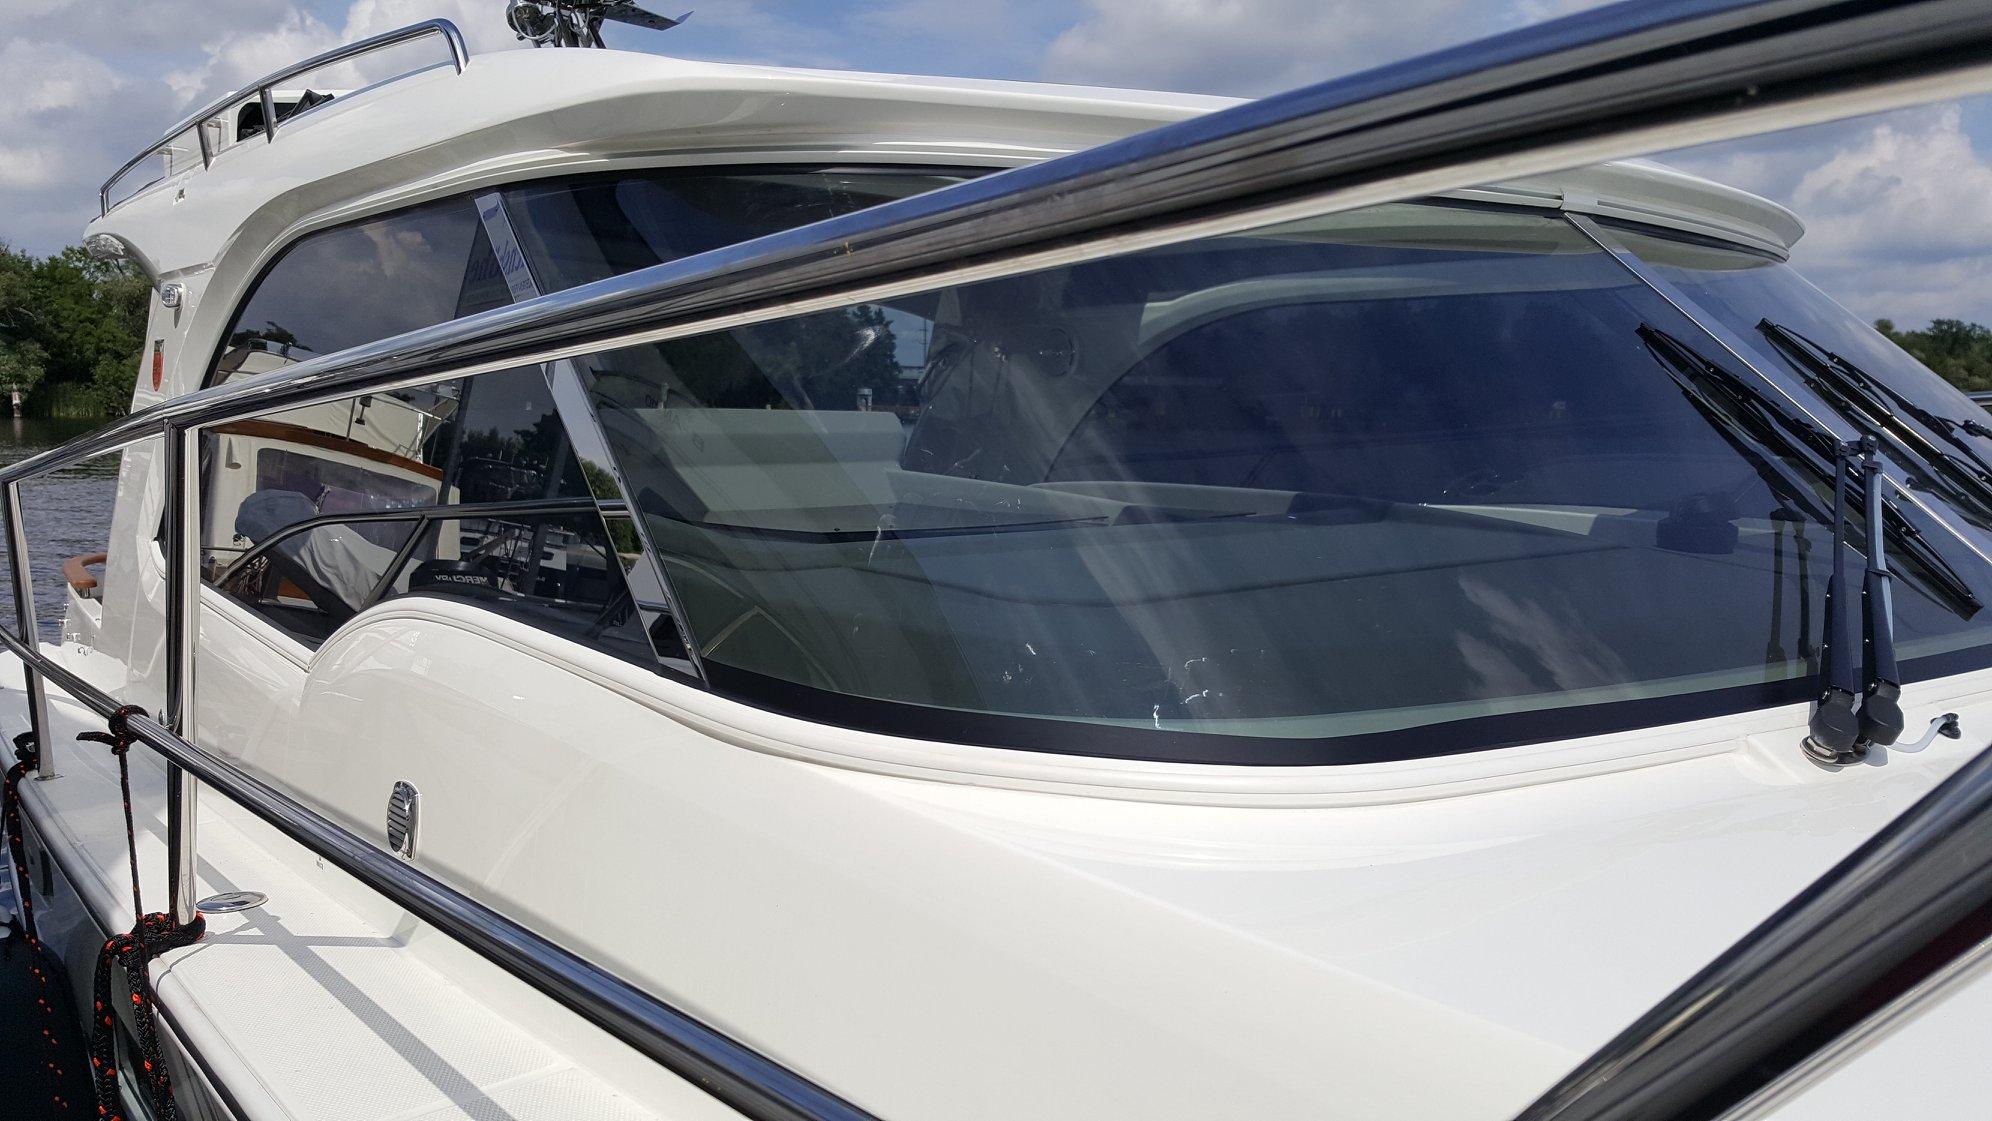 Sonnenschutz am Boot